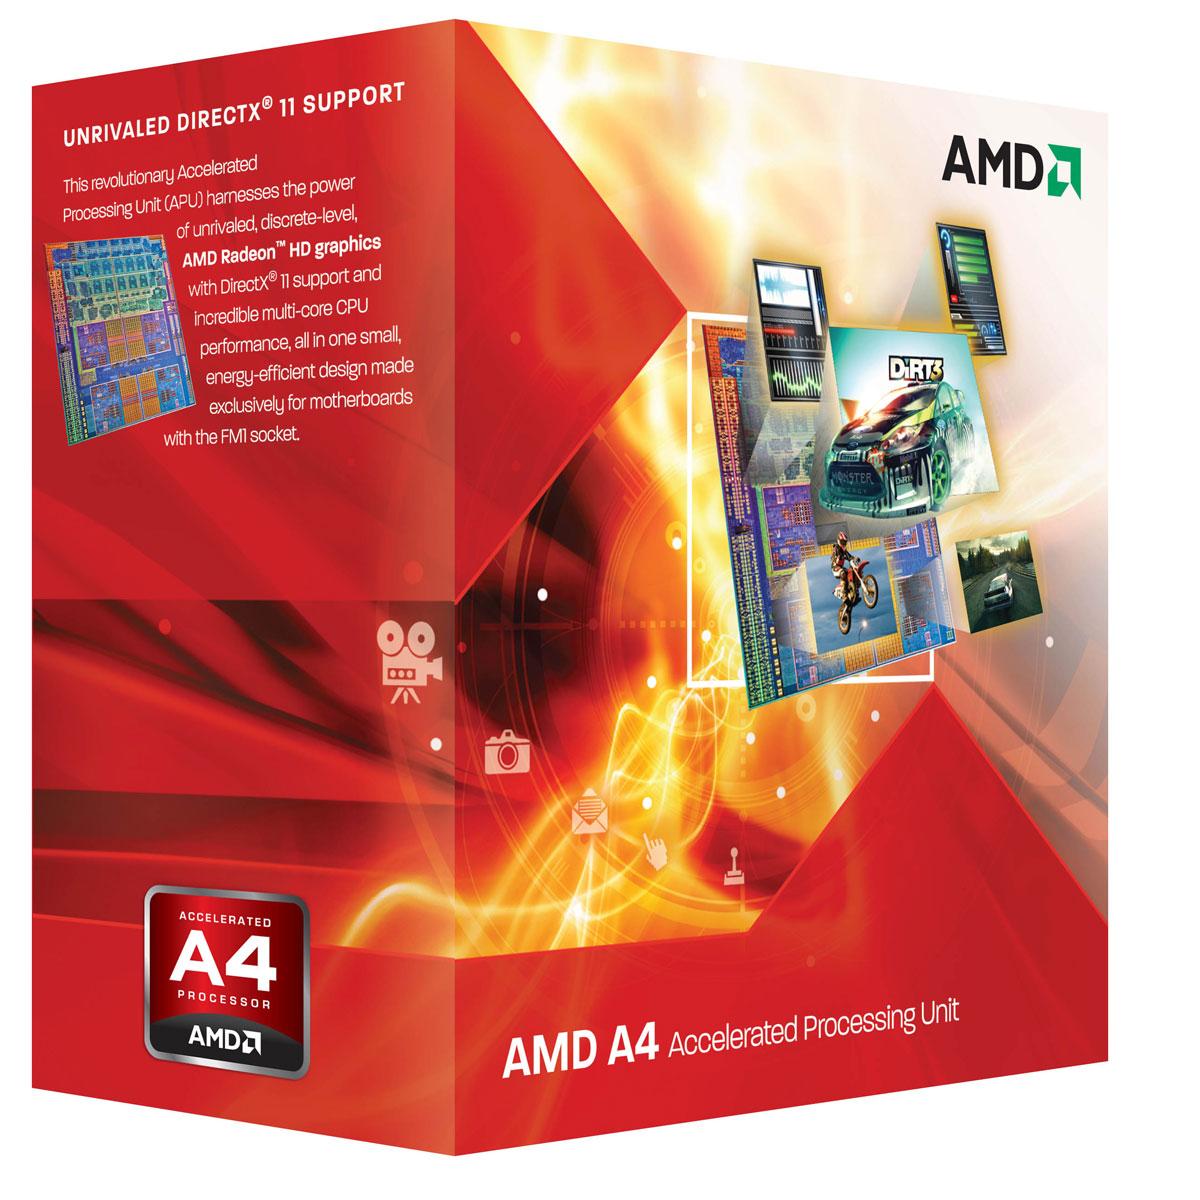 Processeur AMD A4-3400 (2.7 GHz) Processeur Dual Core socket FM1 Cache L2 1 Mo Radeon HD 6410D 0.032 micron (version boîte - garantie constructeur 3 ans)